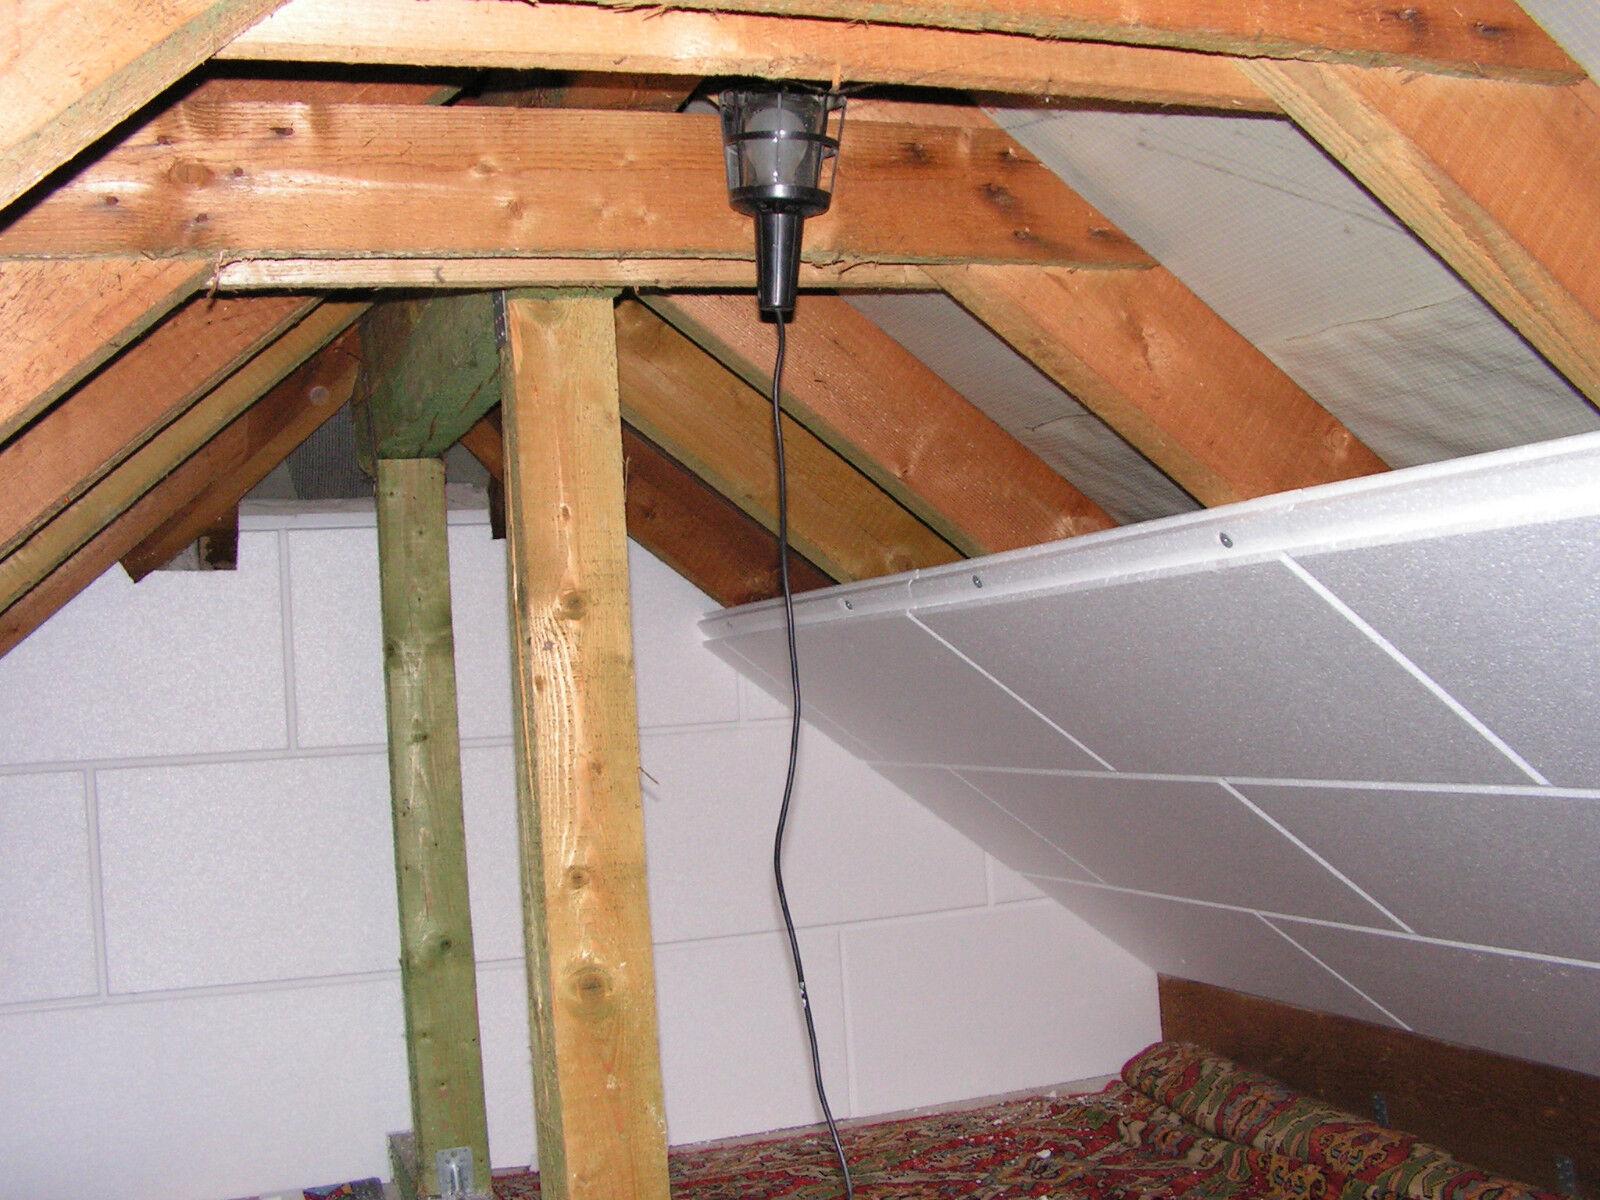 dämmung dach test vergleich +++ dämmung dach günstig kaufen!